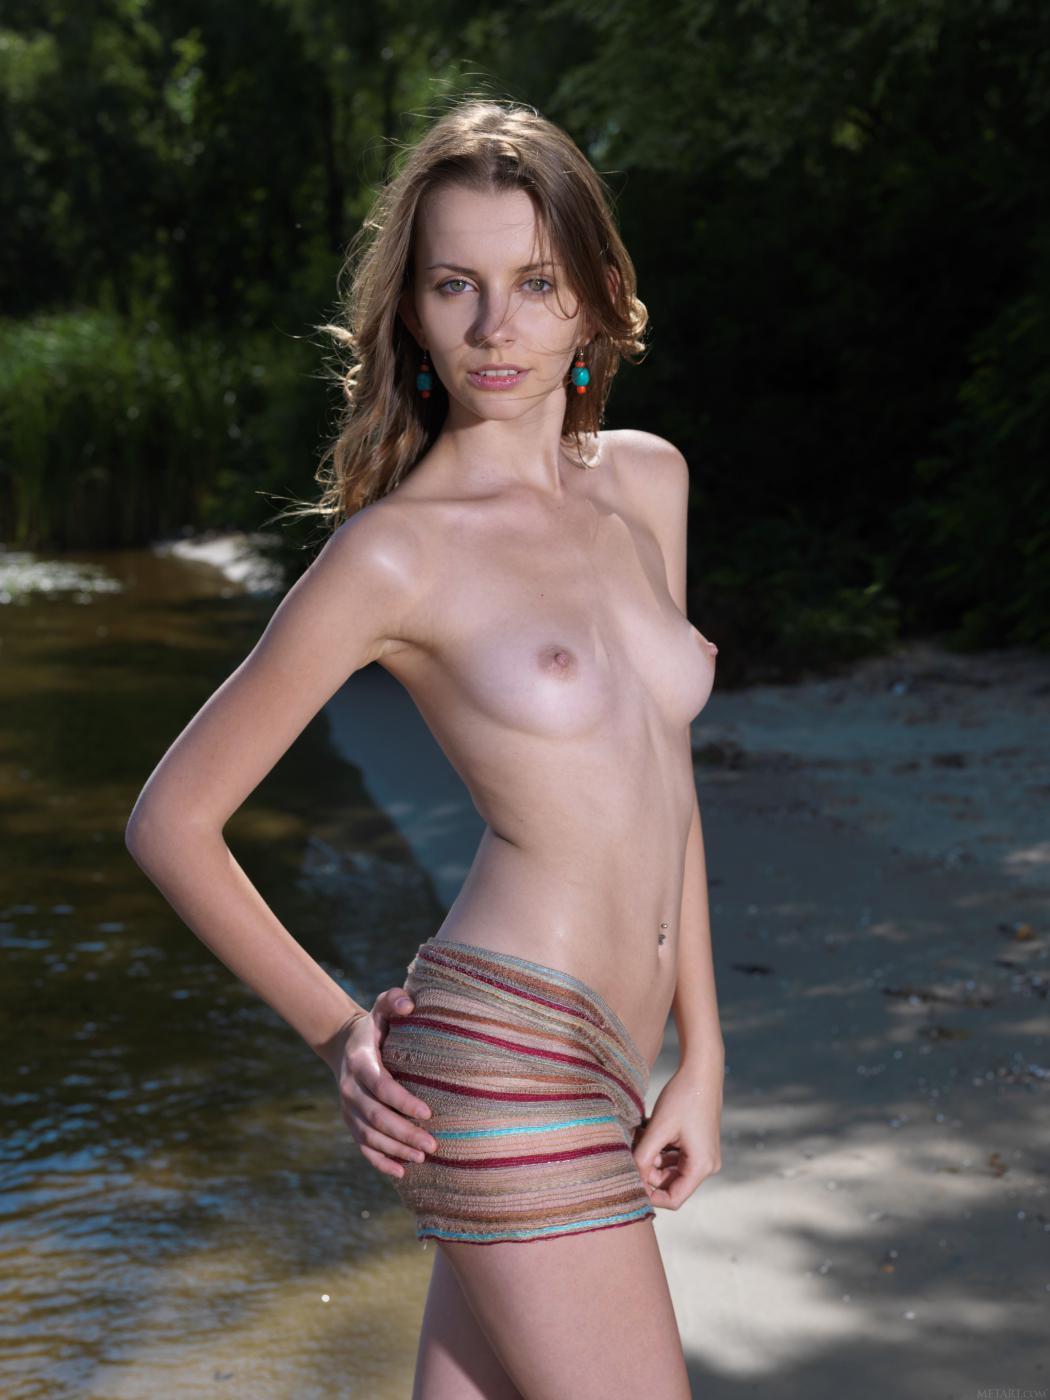 Грязная девочка-подросток Lucia D показывает обнаженное тело со всех сторон на пляже